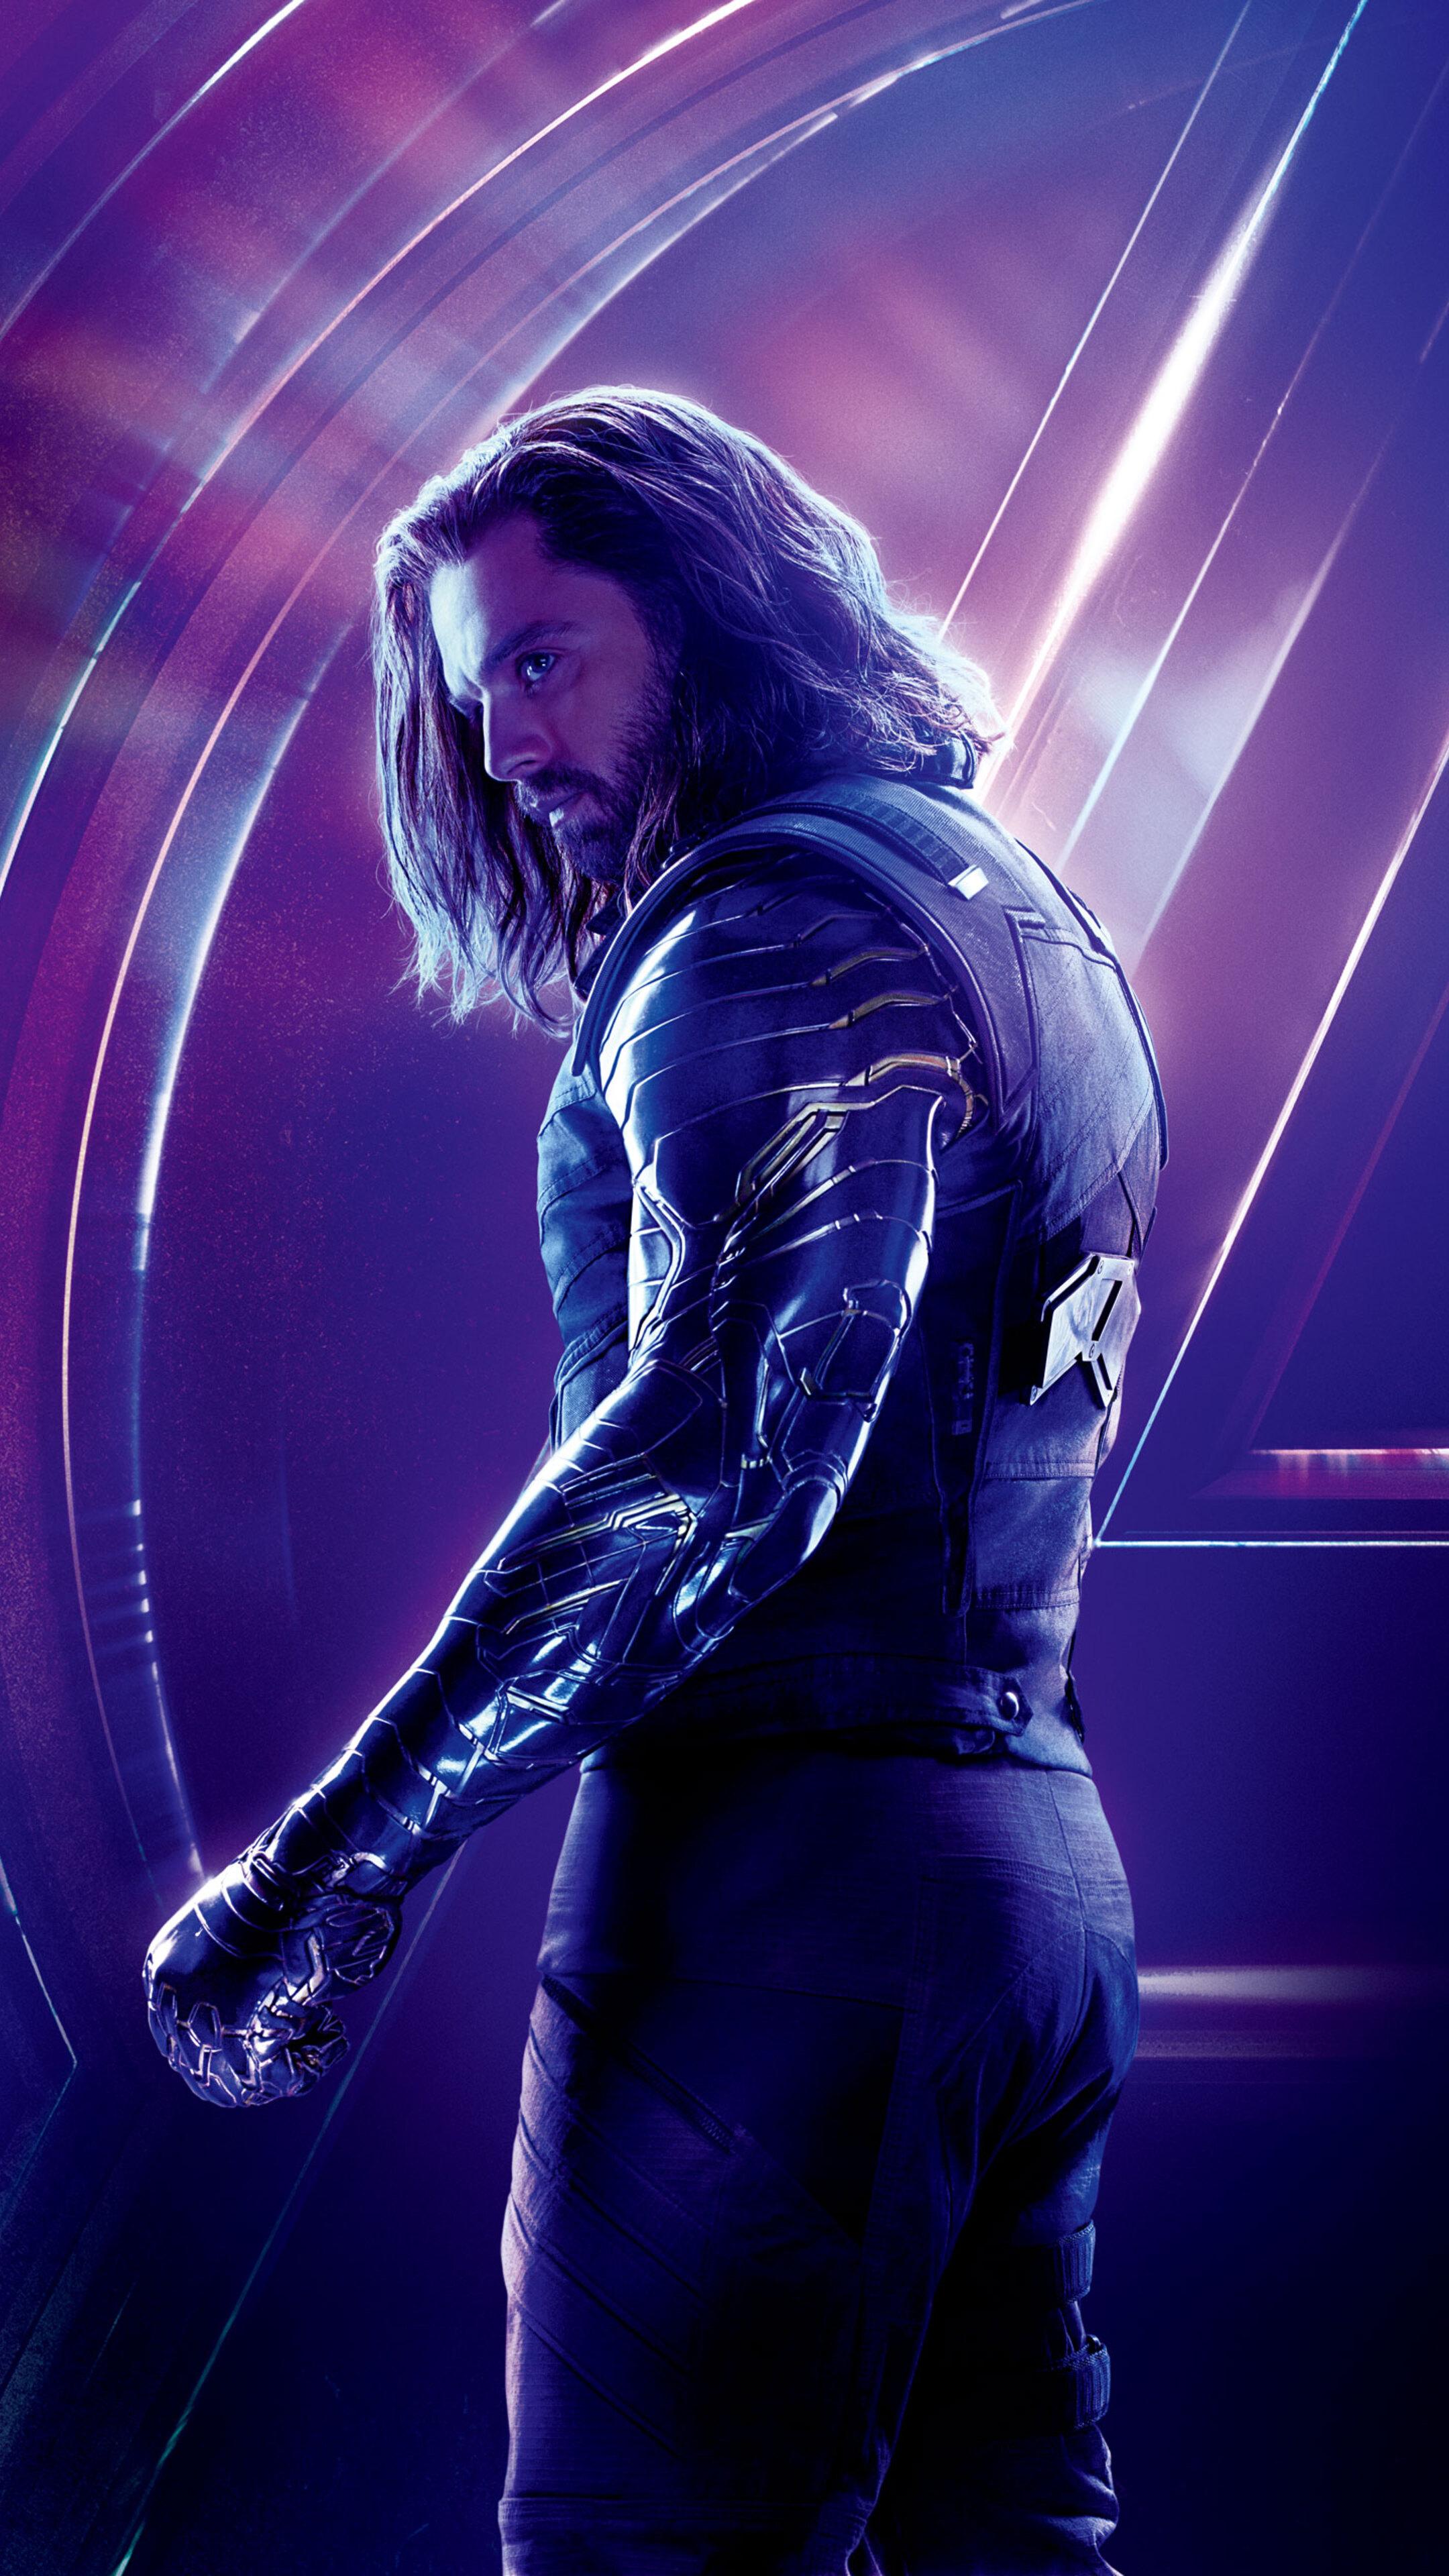 2160x3840 Bucky Barnes In Avengers Infinity War 8k Poster